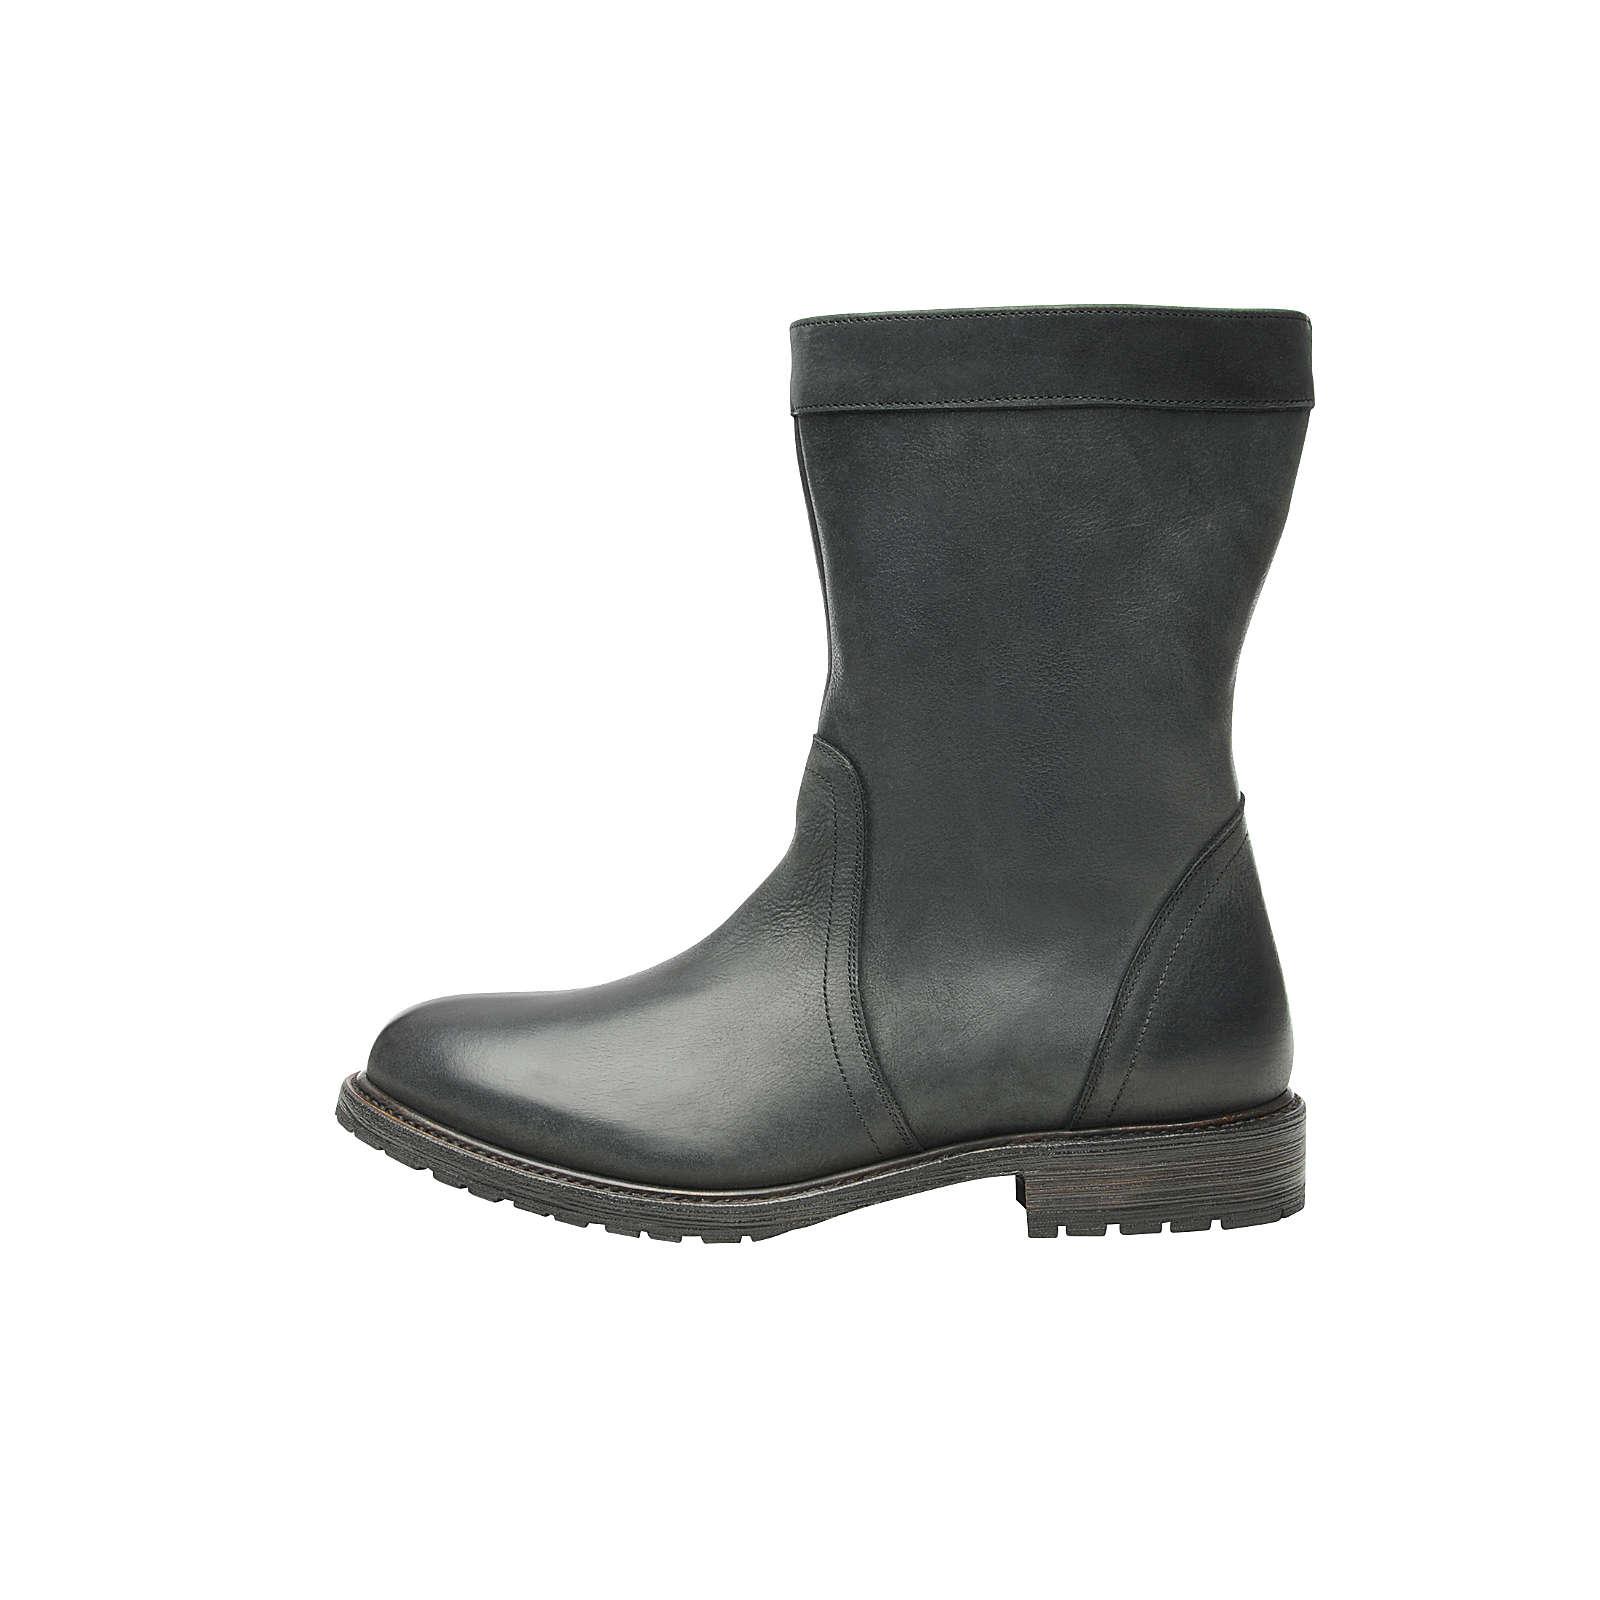 SHOEPASSION No. 273 Stiefel schwarz Damen Gr. 37,5